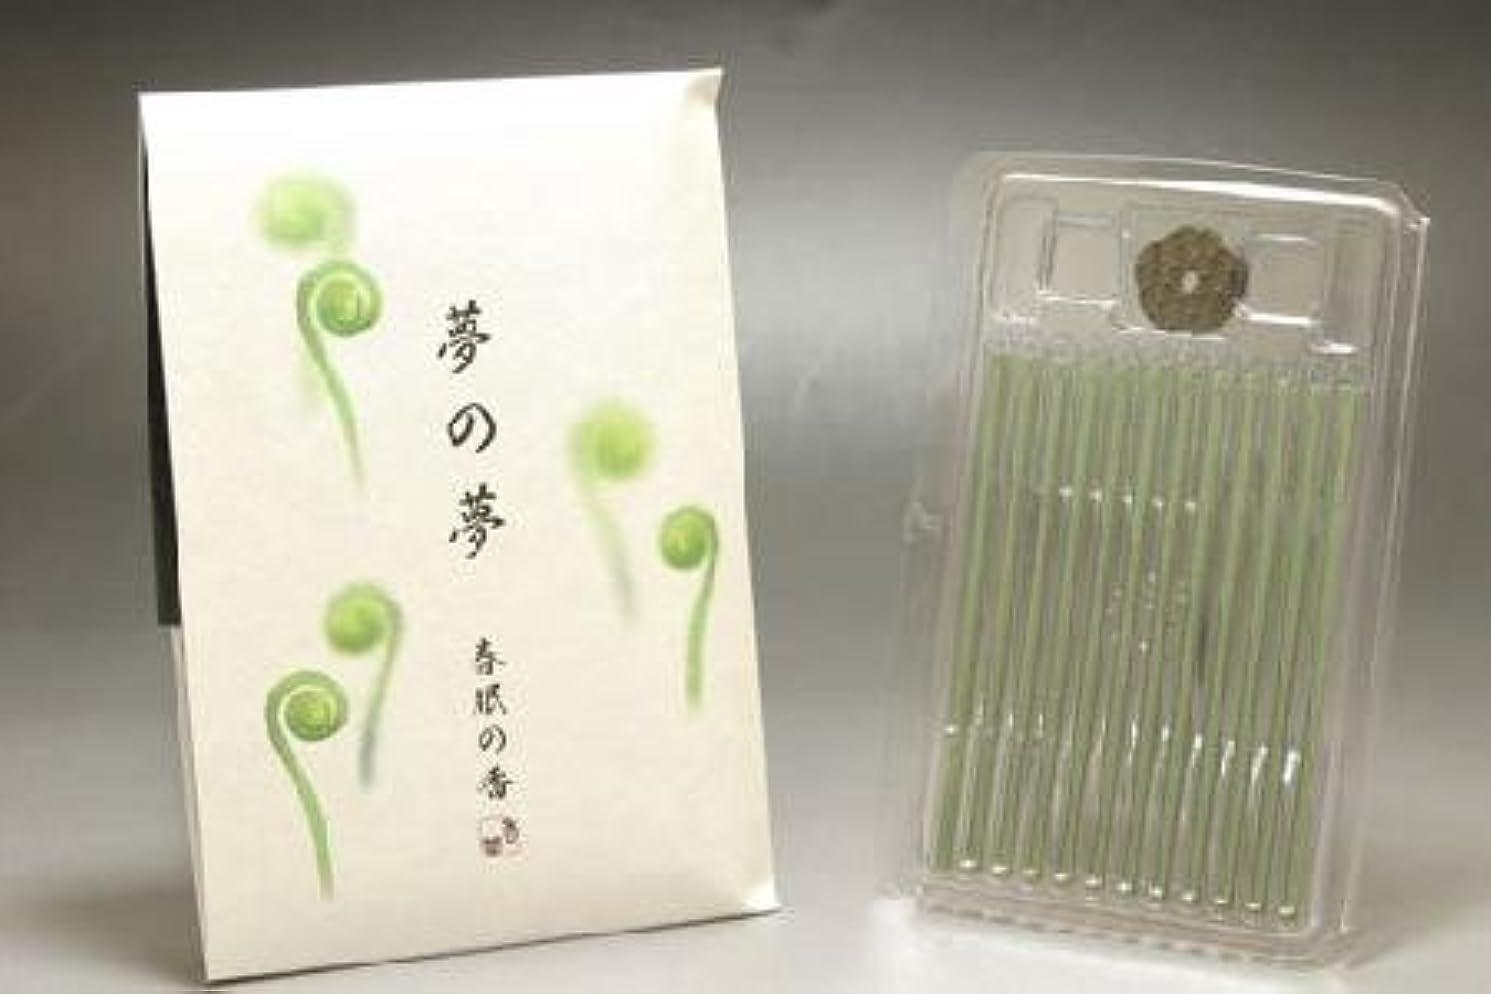 あいさつシダエージェント日本香堂のお香 夢の夢 春眠の春(はるねむり)のお香 スティック型12本入